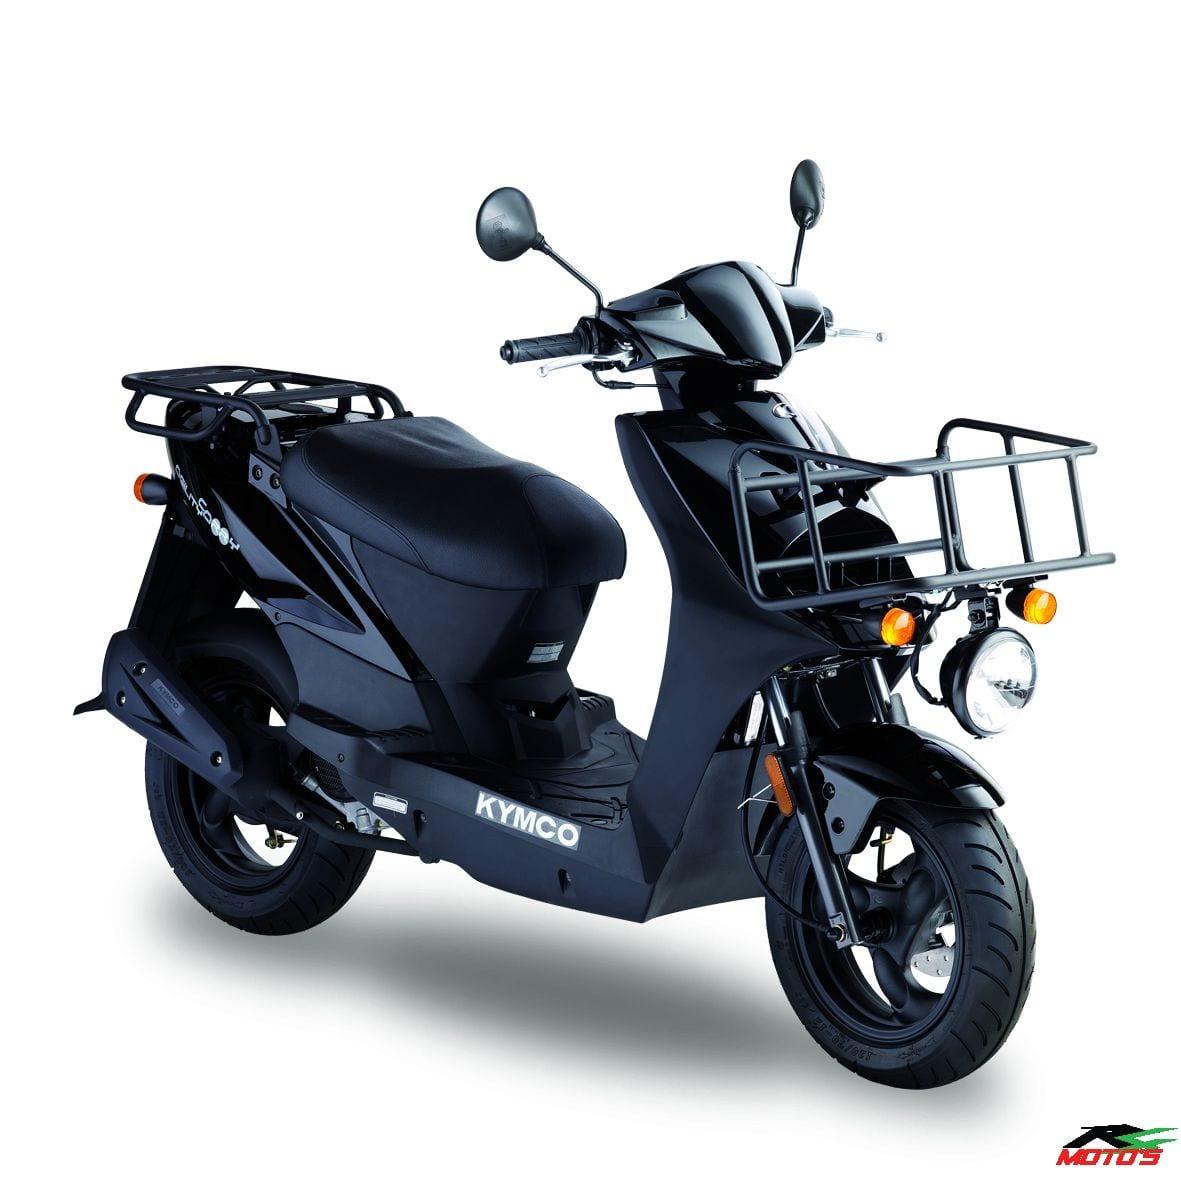 Kymco Agility Carry - R4 Moto's